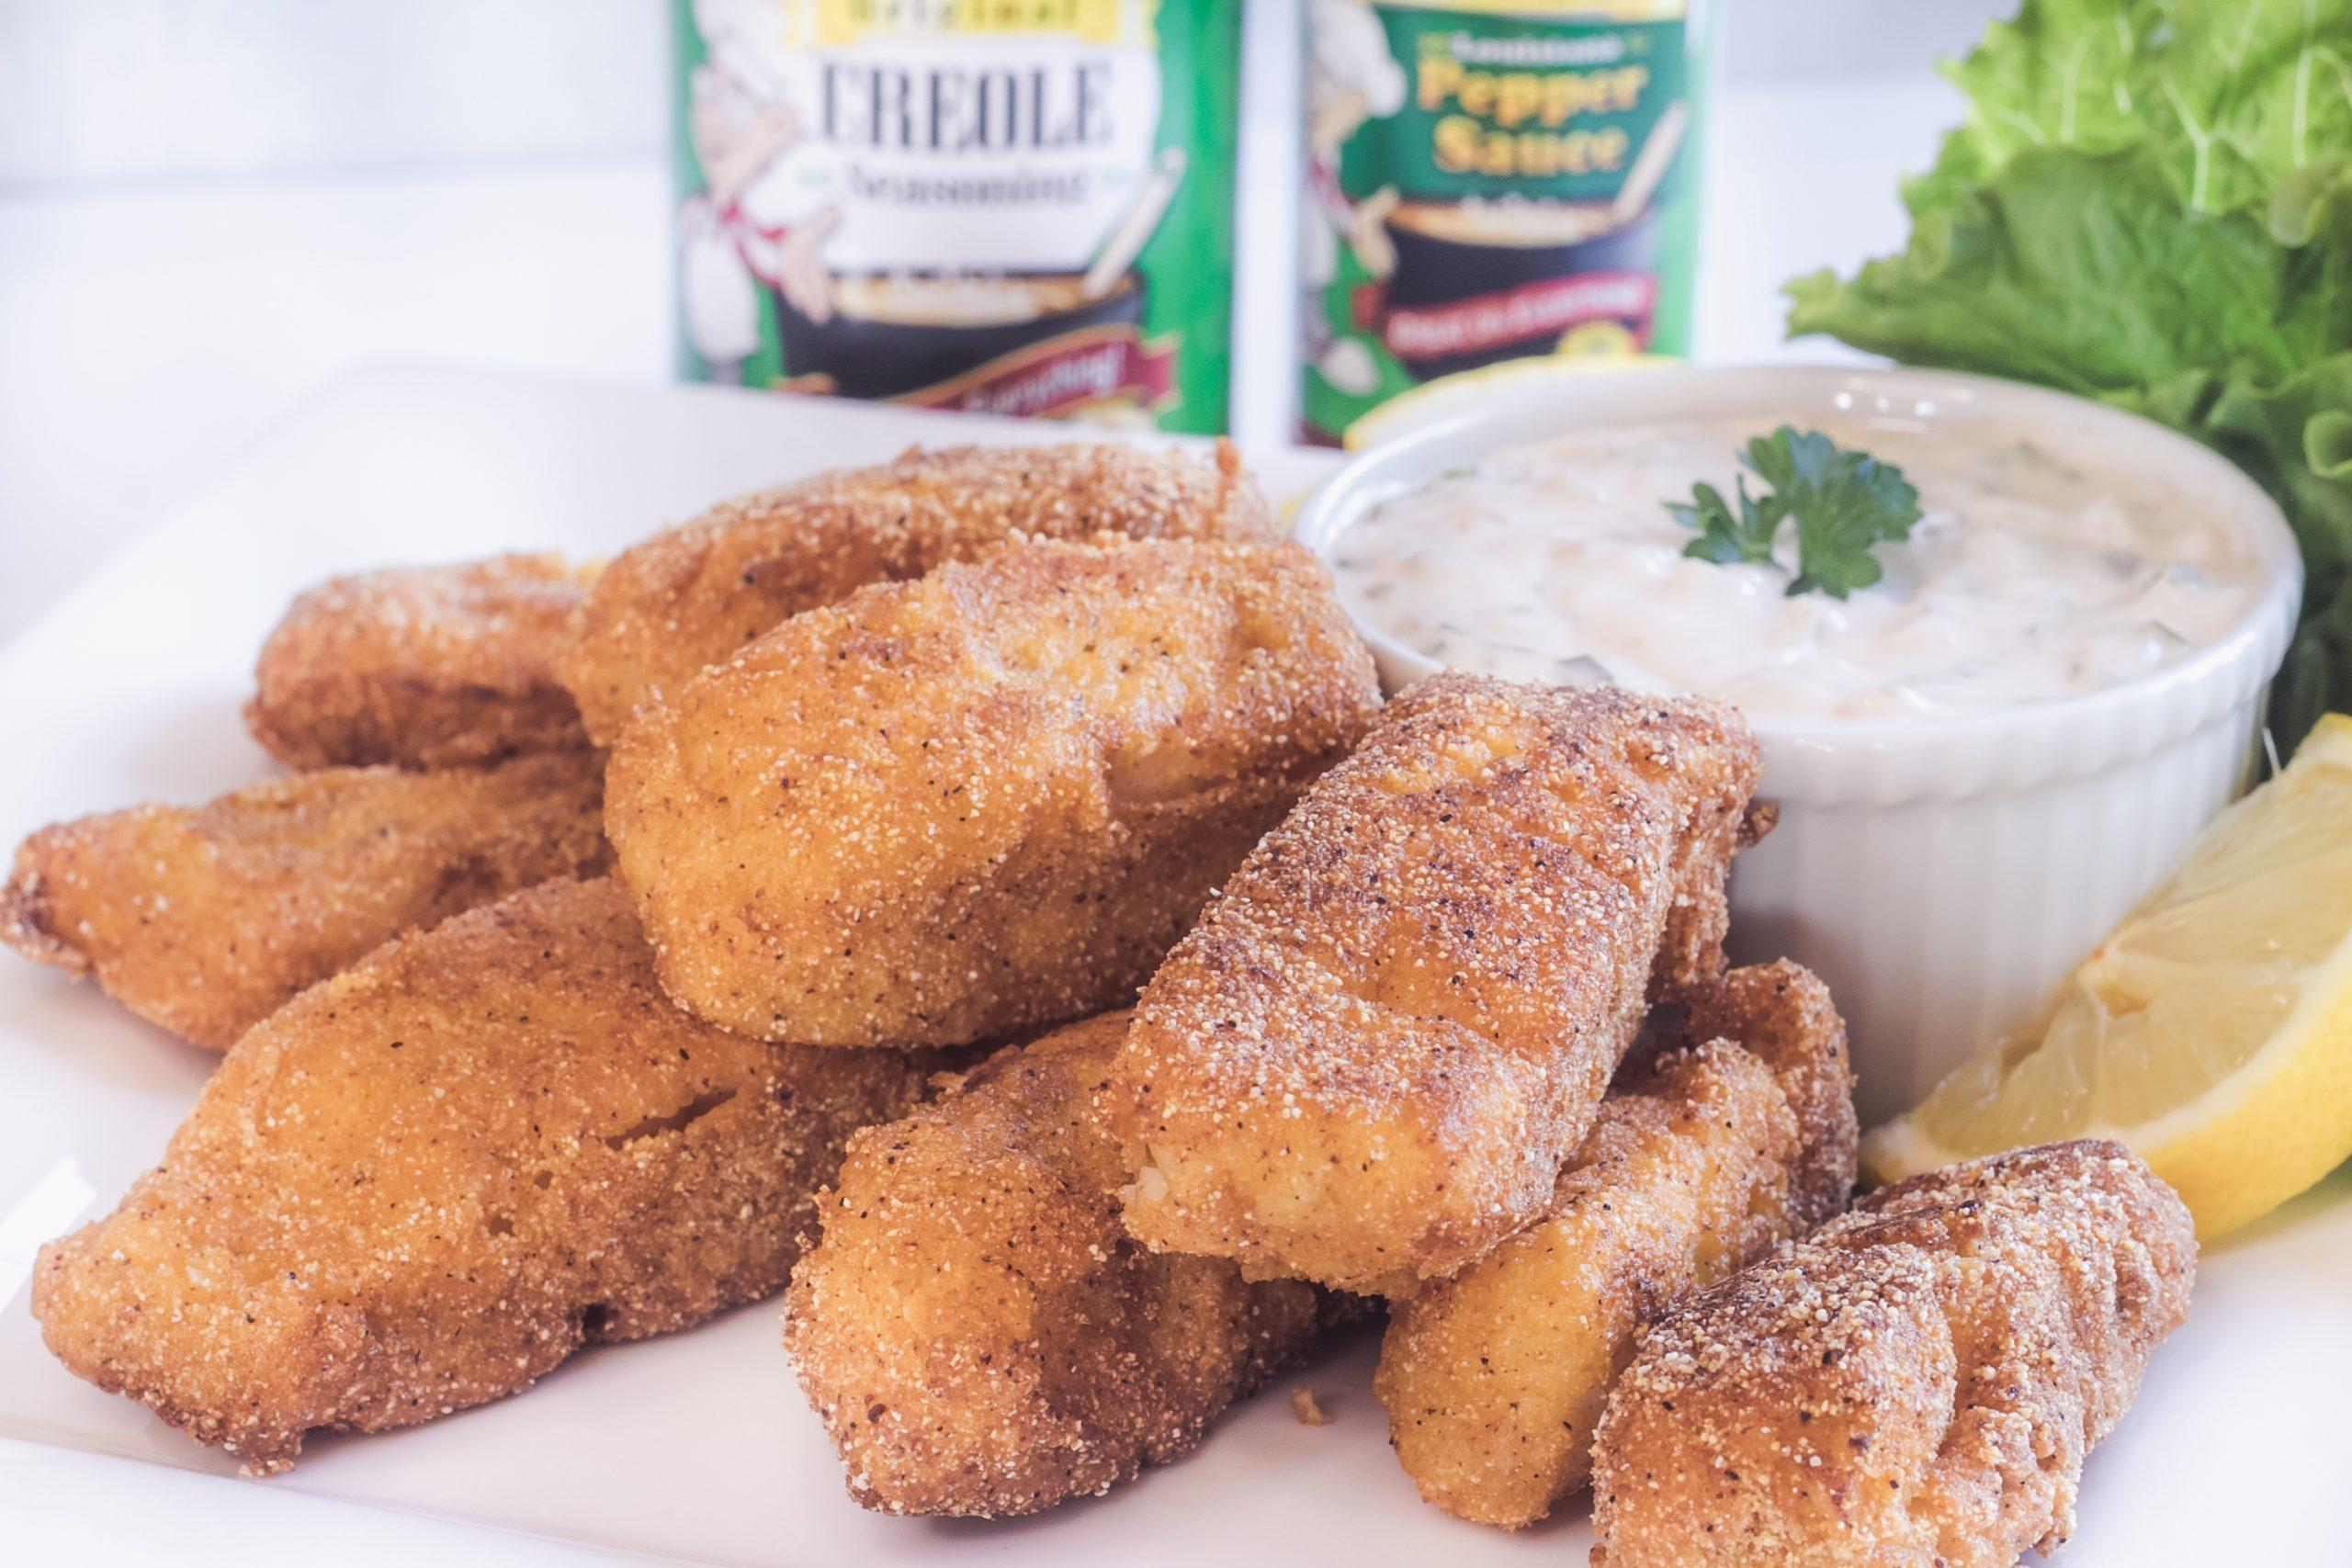 Pan Fried Fish Fingers & Tangy Tartar Sauce